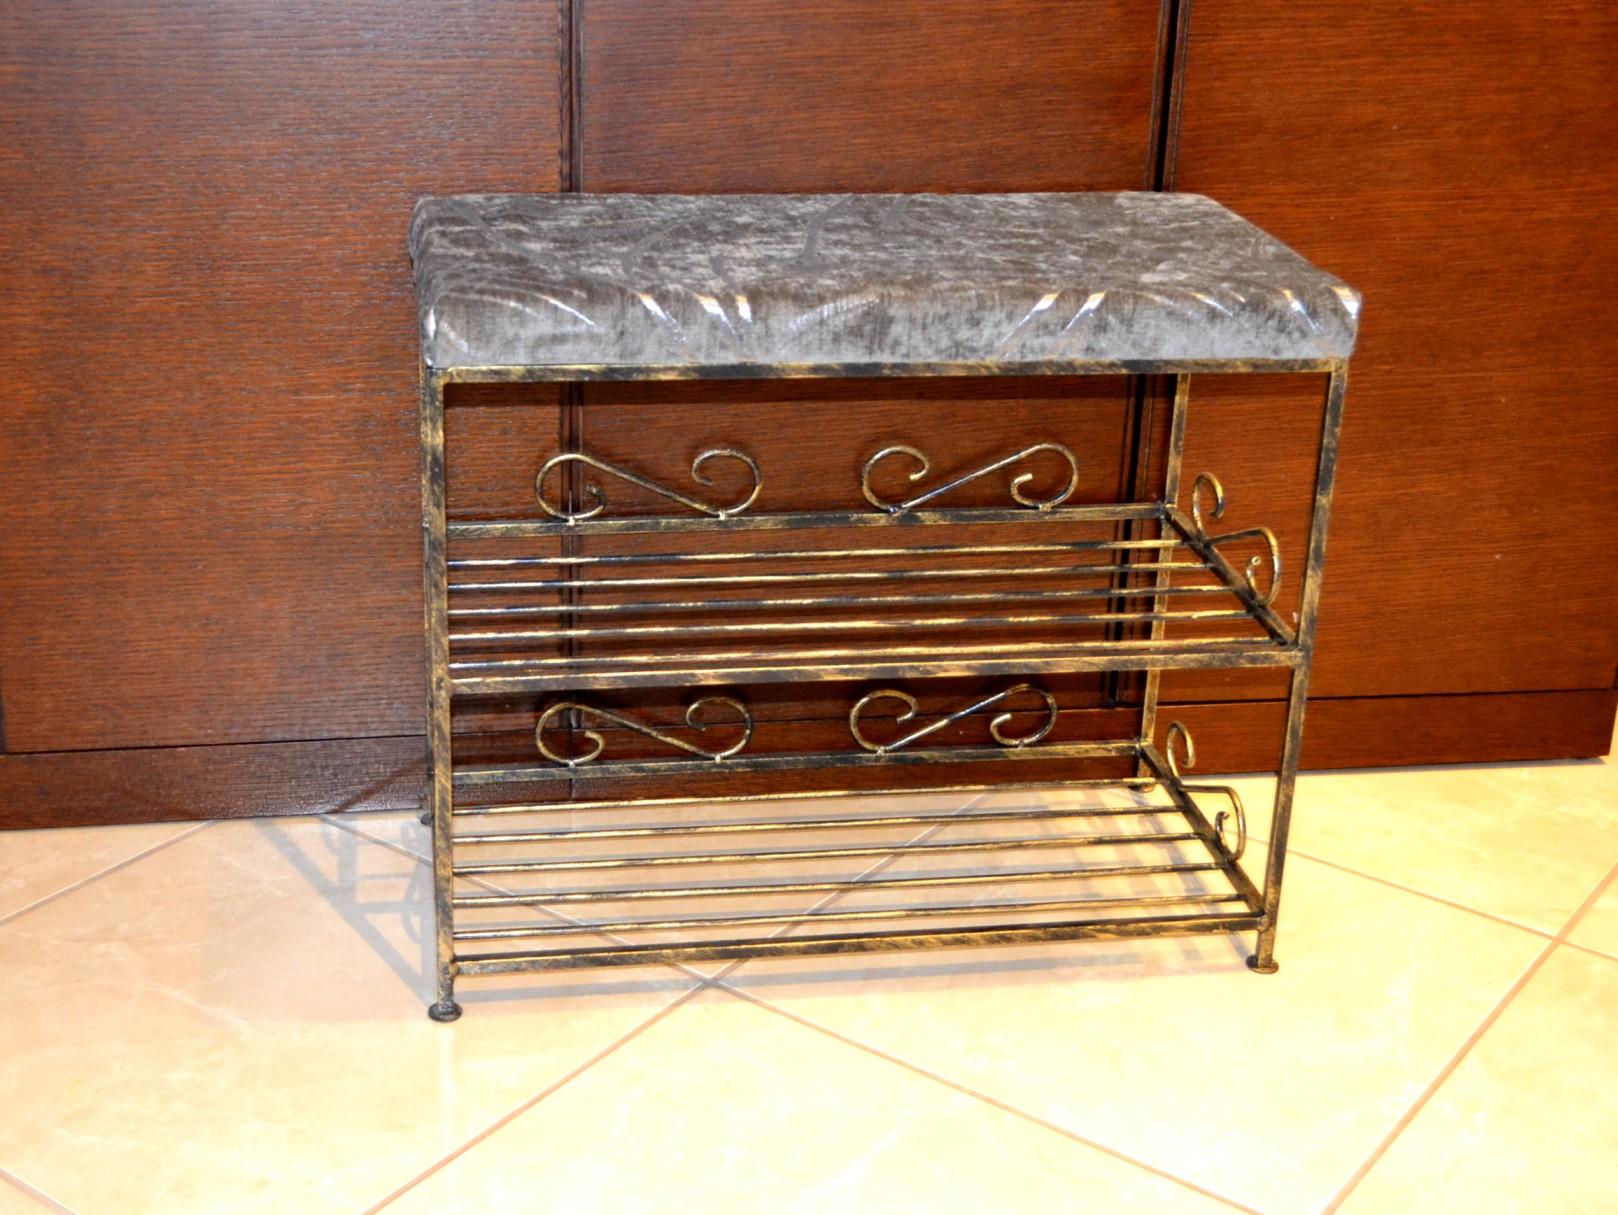 ausverkauf schuhregal schuhschrank schuhst nder edel antik. Black Bedroom Furniture Sets. Home Design Ideas